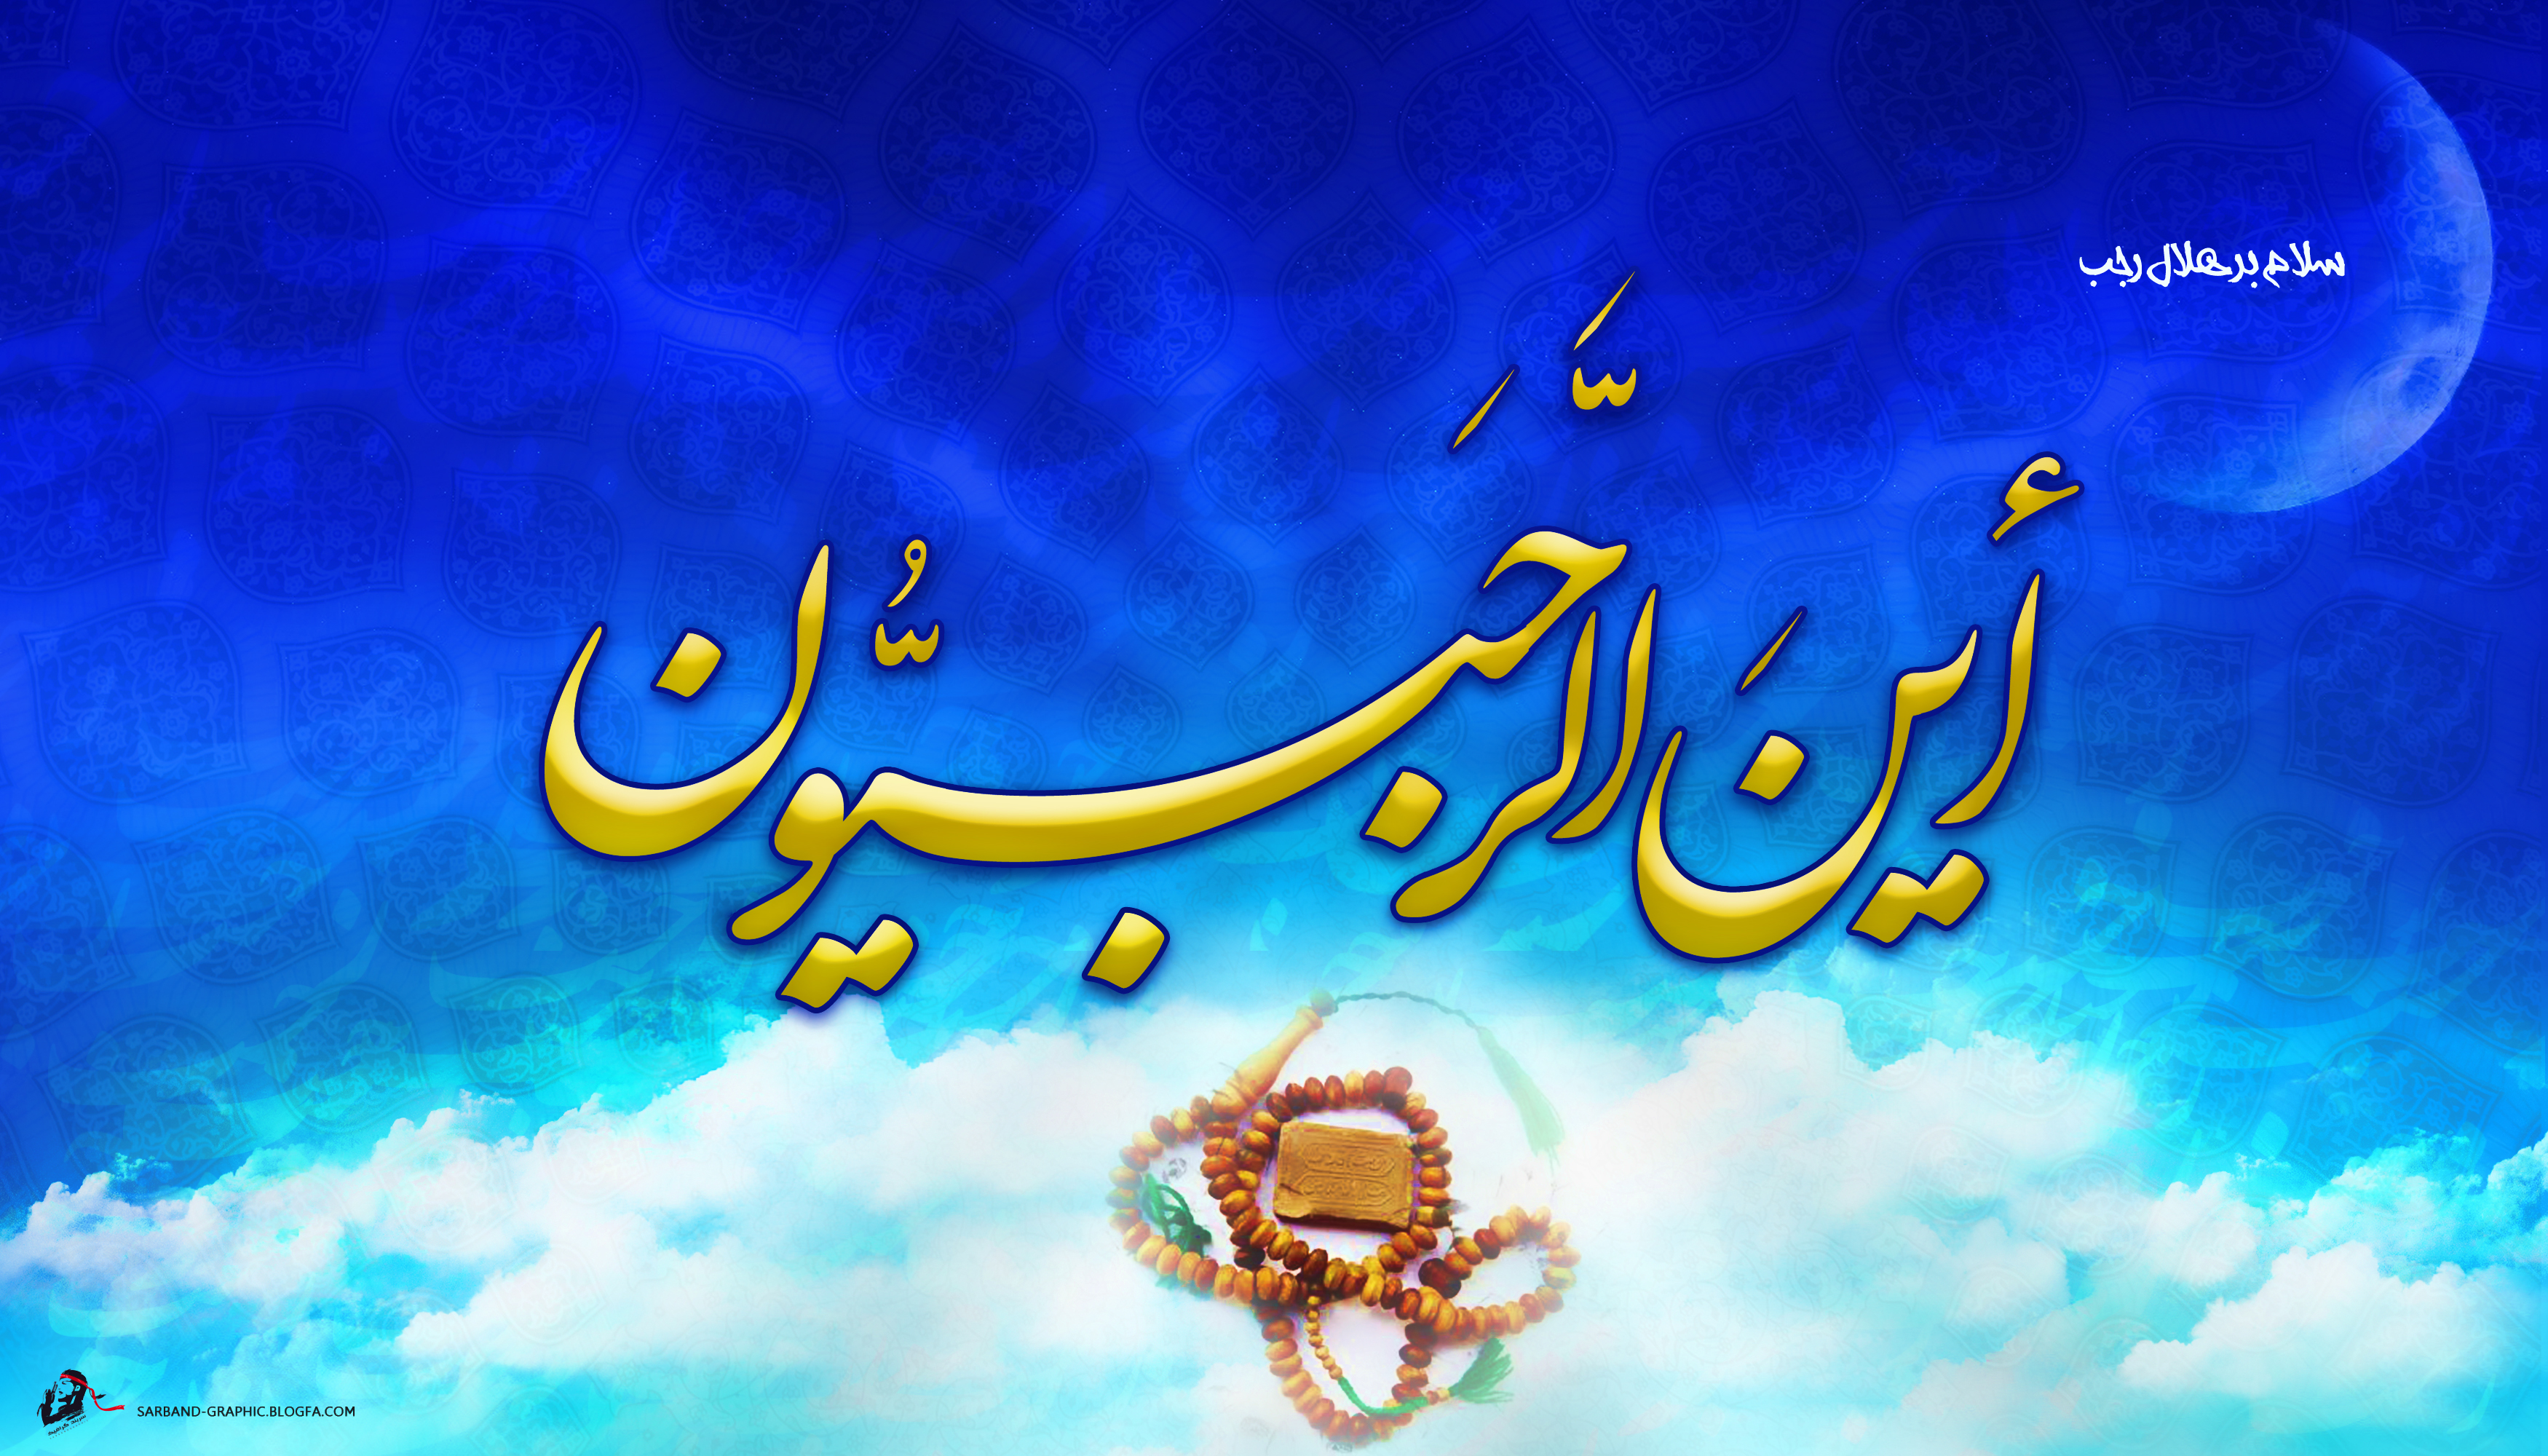 مذهبی : یکی از بهترین نماز های ماه رجب در روز جمعه این ماه